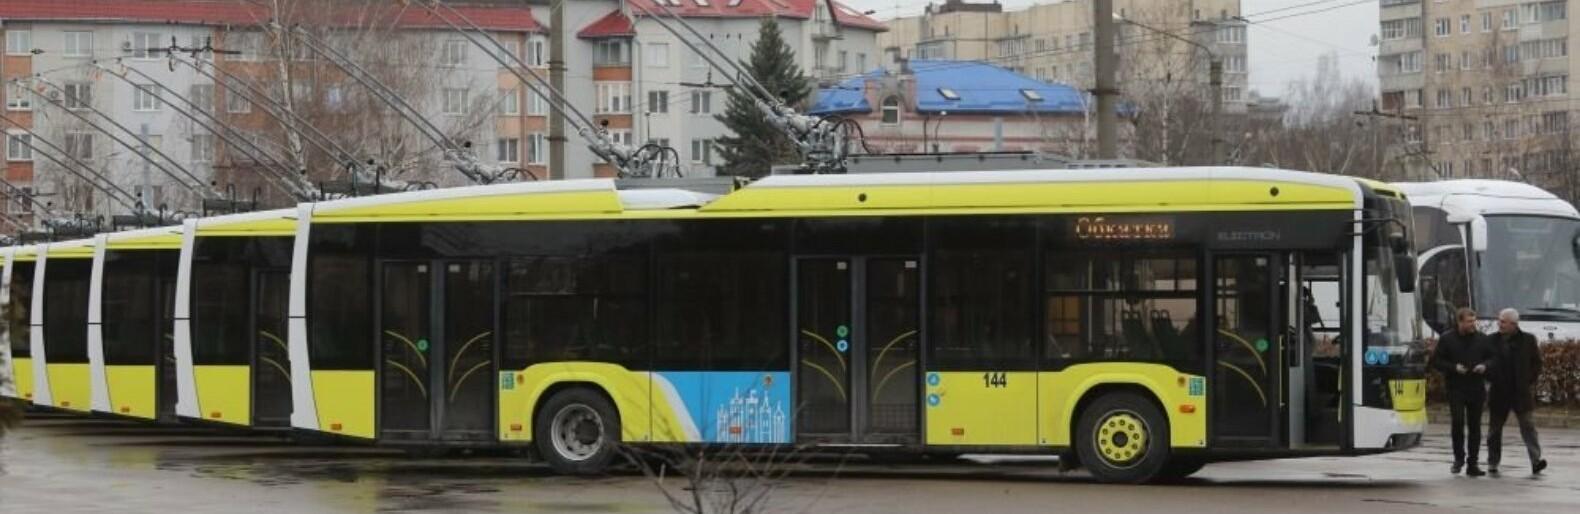 У Львові розпочали курсувати ще 10 нових тролейбусів: на яких маршрутах